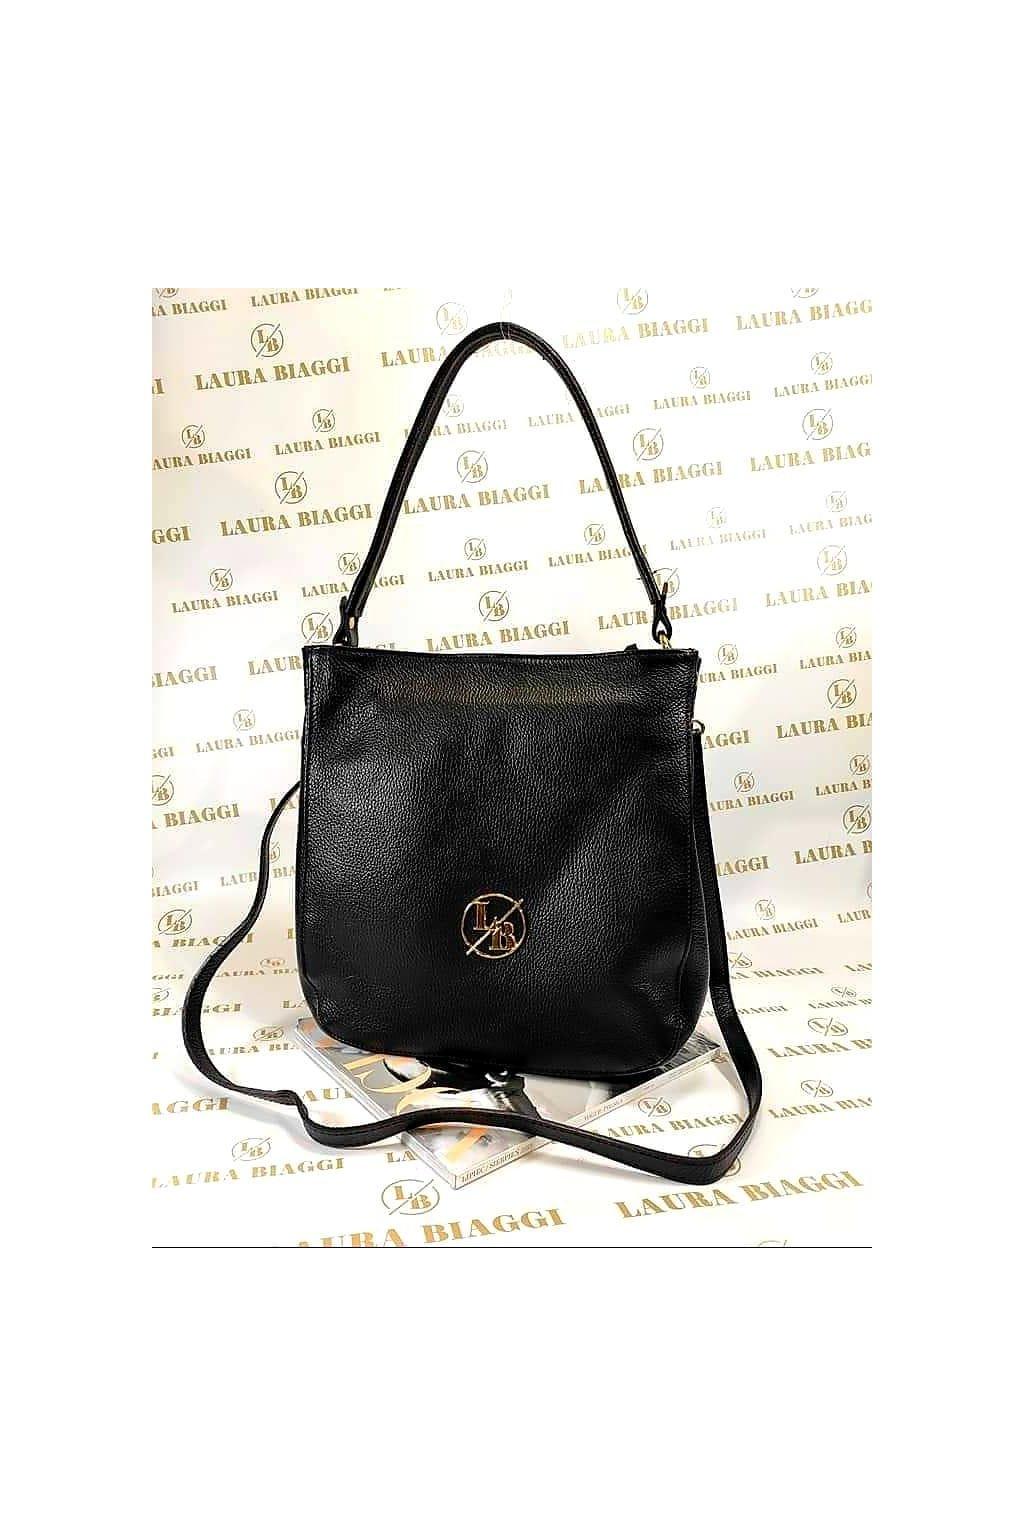 kabelka kůže laura biaggi luxusní kžená kabelka značková vyrobena v itálii černá black